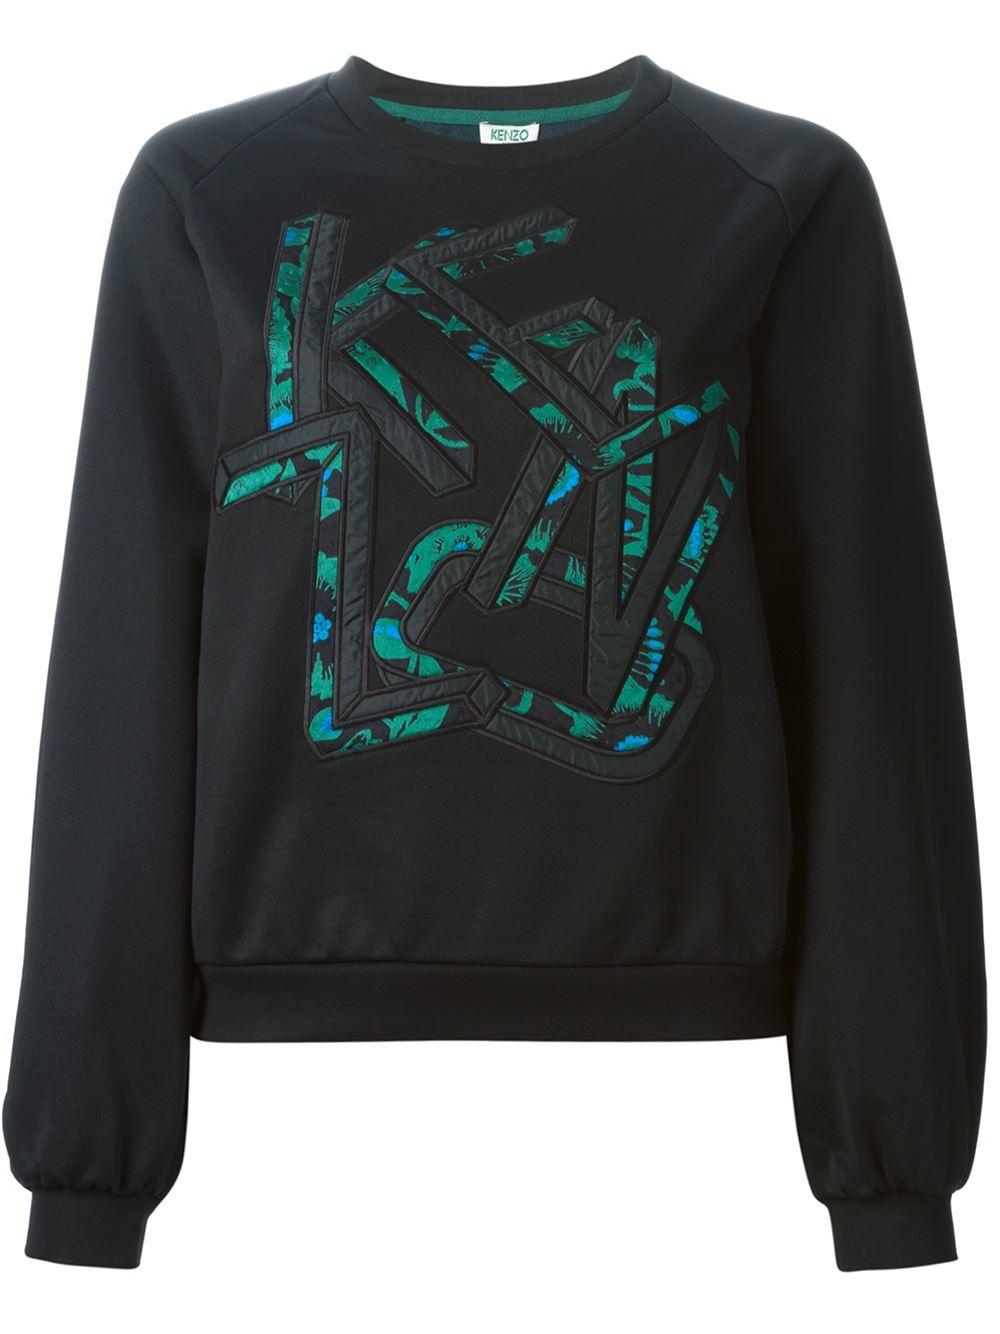 Kenzo letters sweatshirt in green black lyst for Letters for sweatshirts